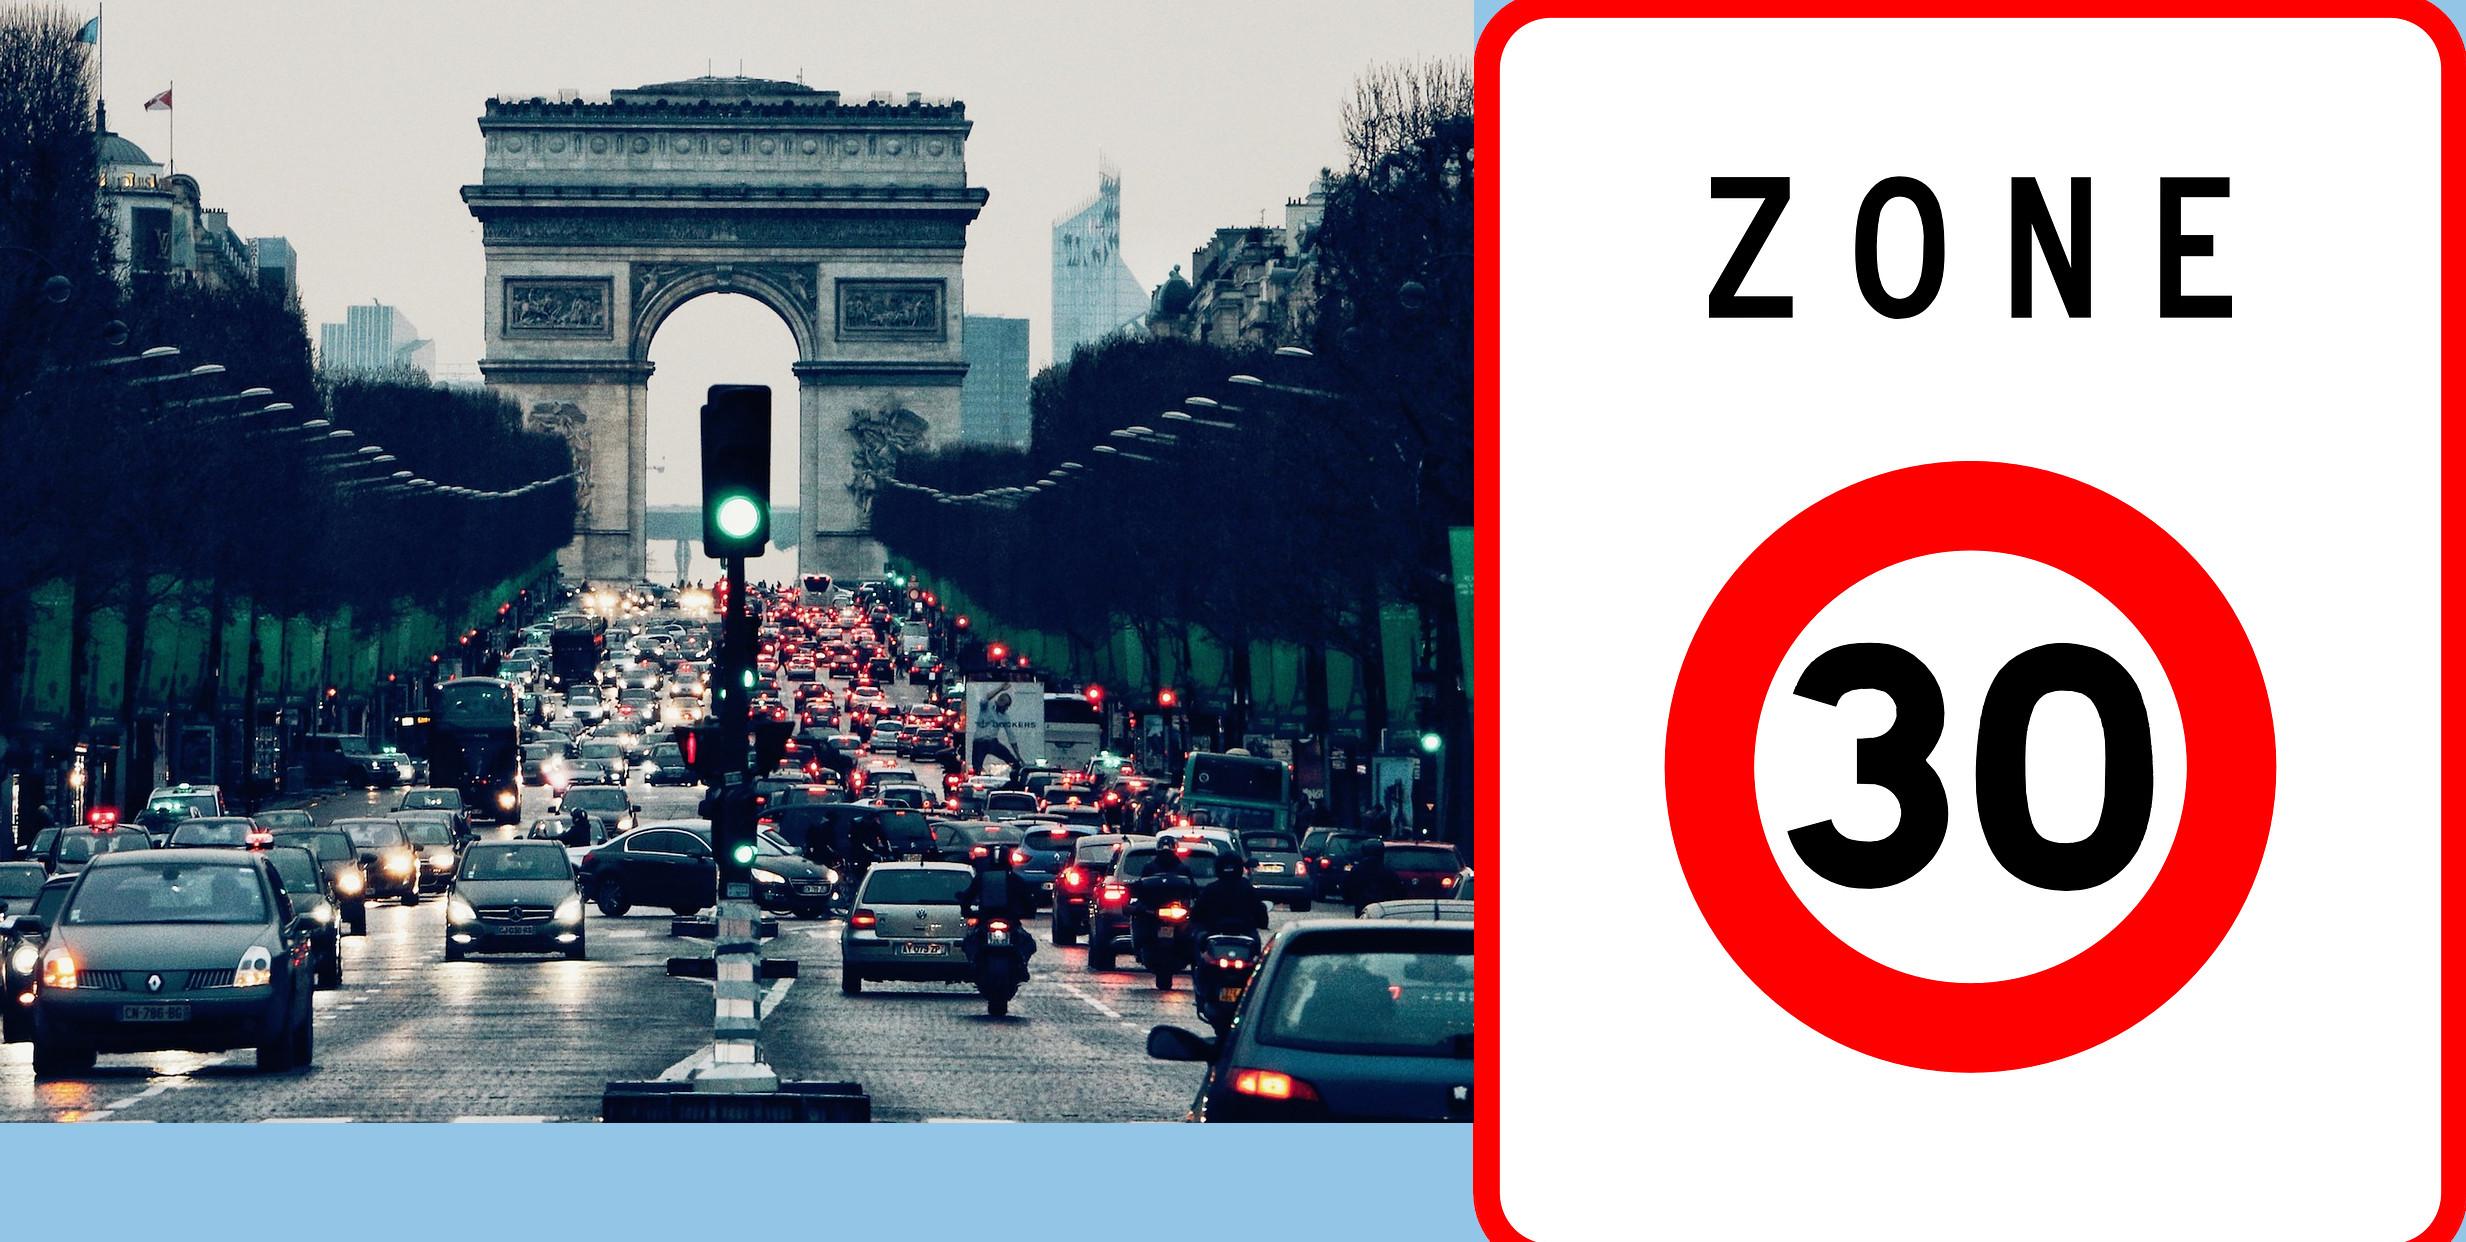 Nuo rugsėjo 1 automobilių greitis Paryžiuje ribojamas iki 30 km/val.